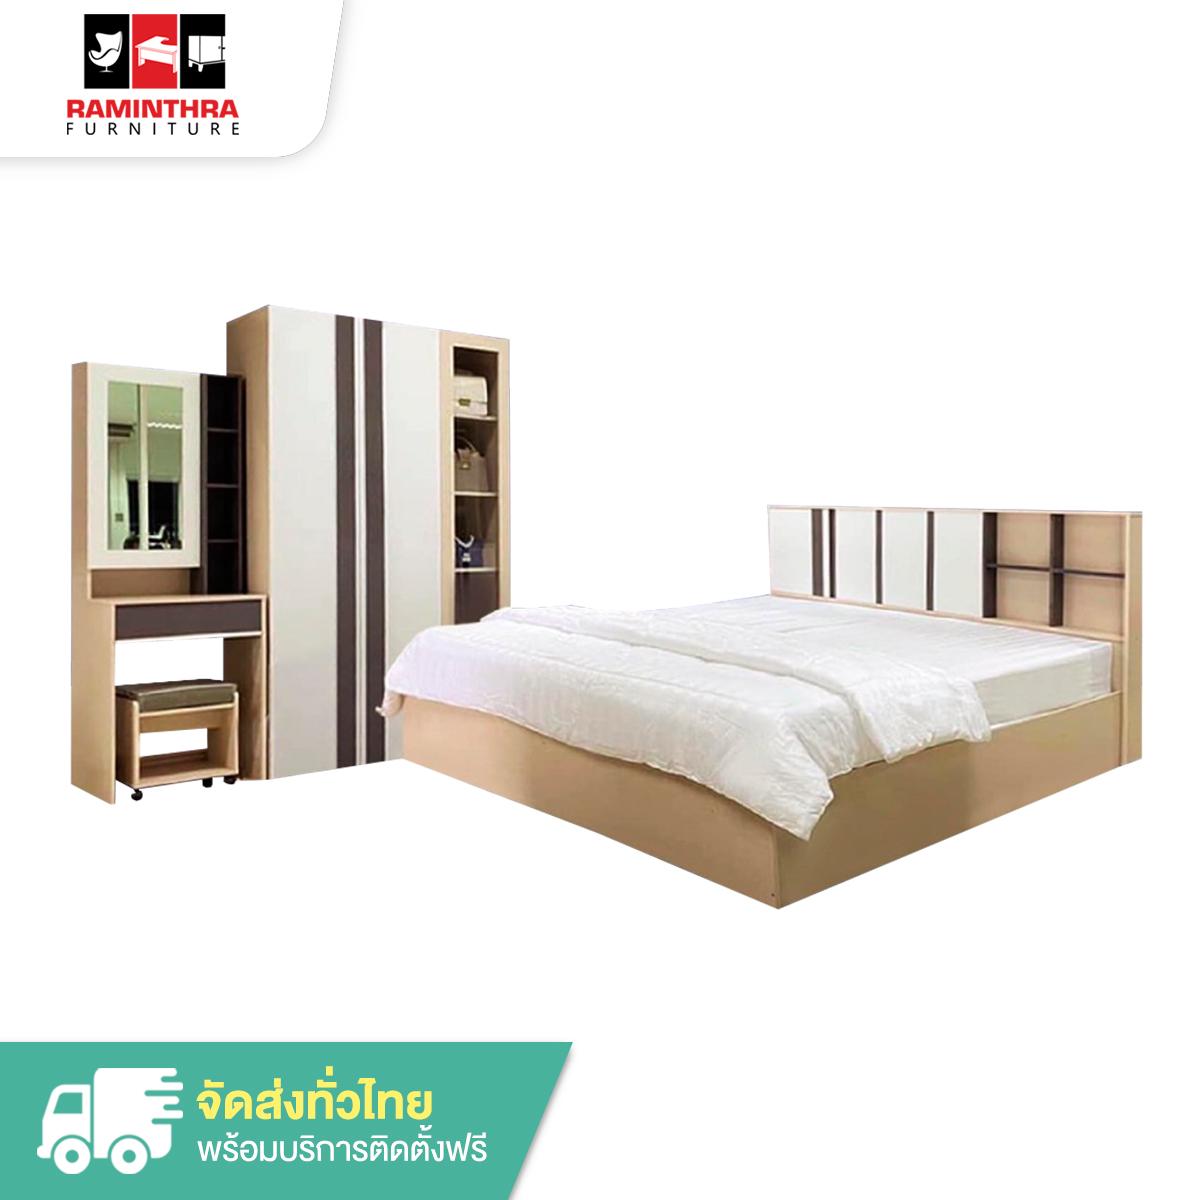 ้เก้าอี้บาร์  รุ่น Texas ขนาด W40xD43xH173 cm.